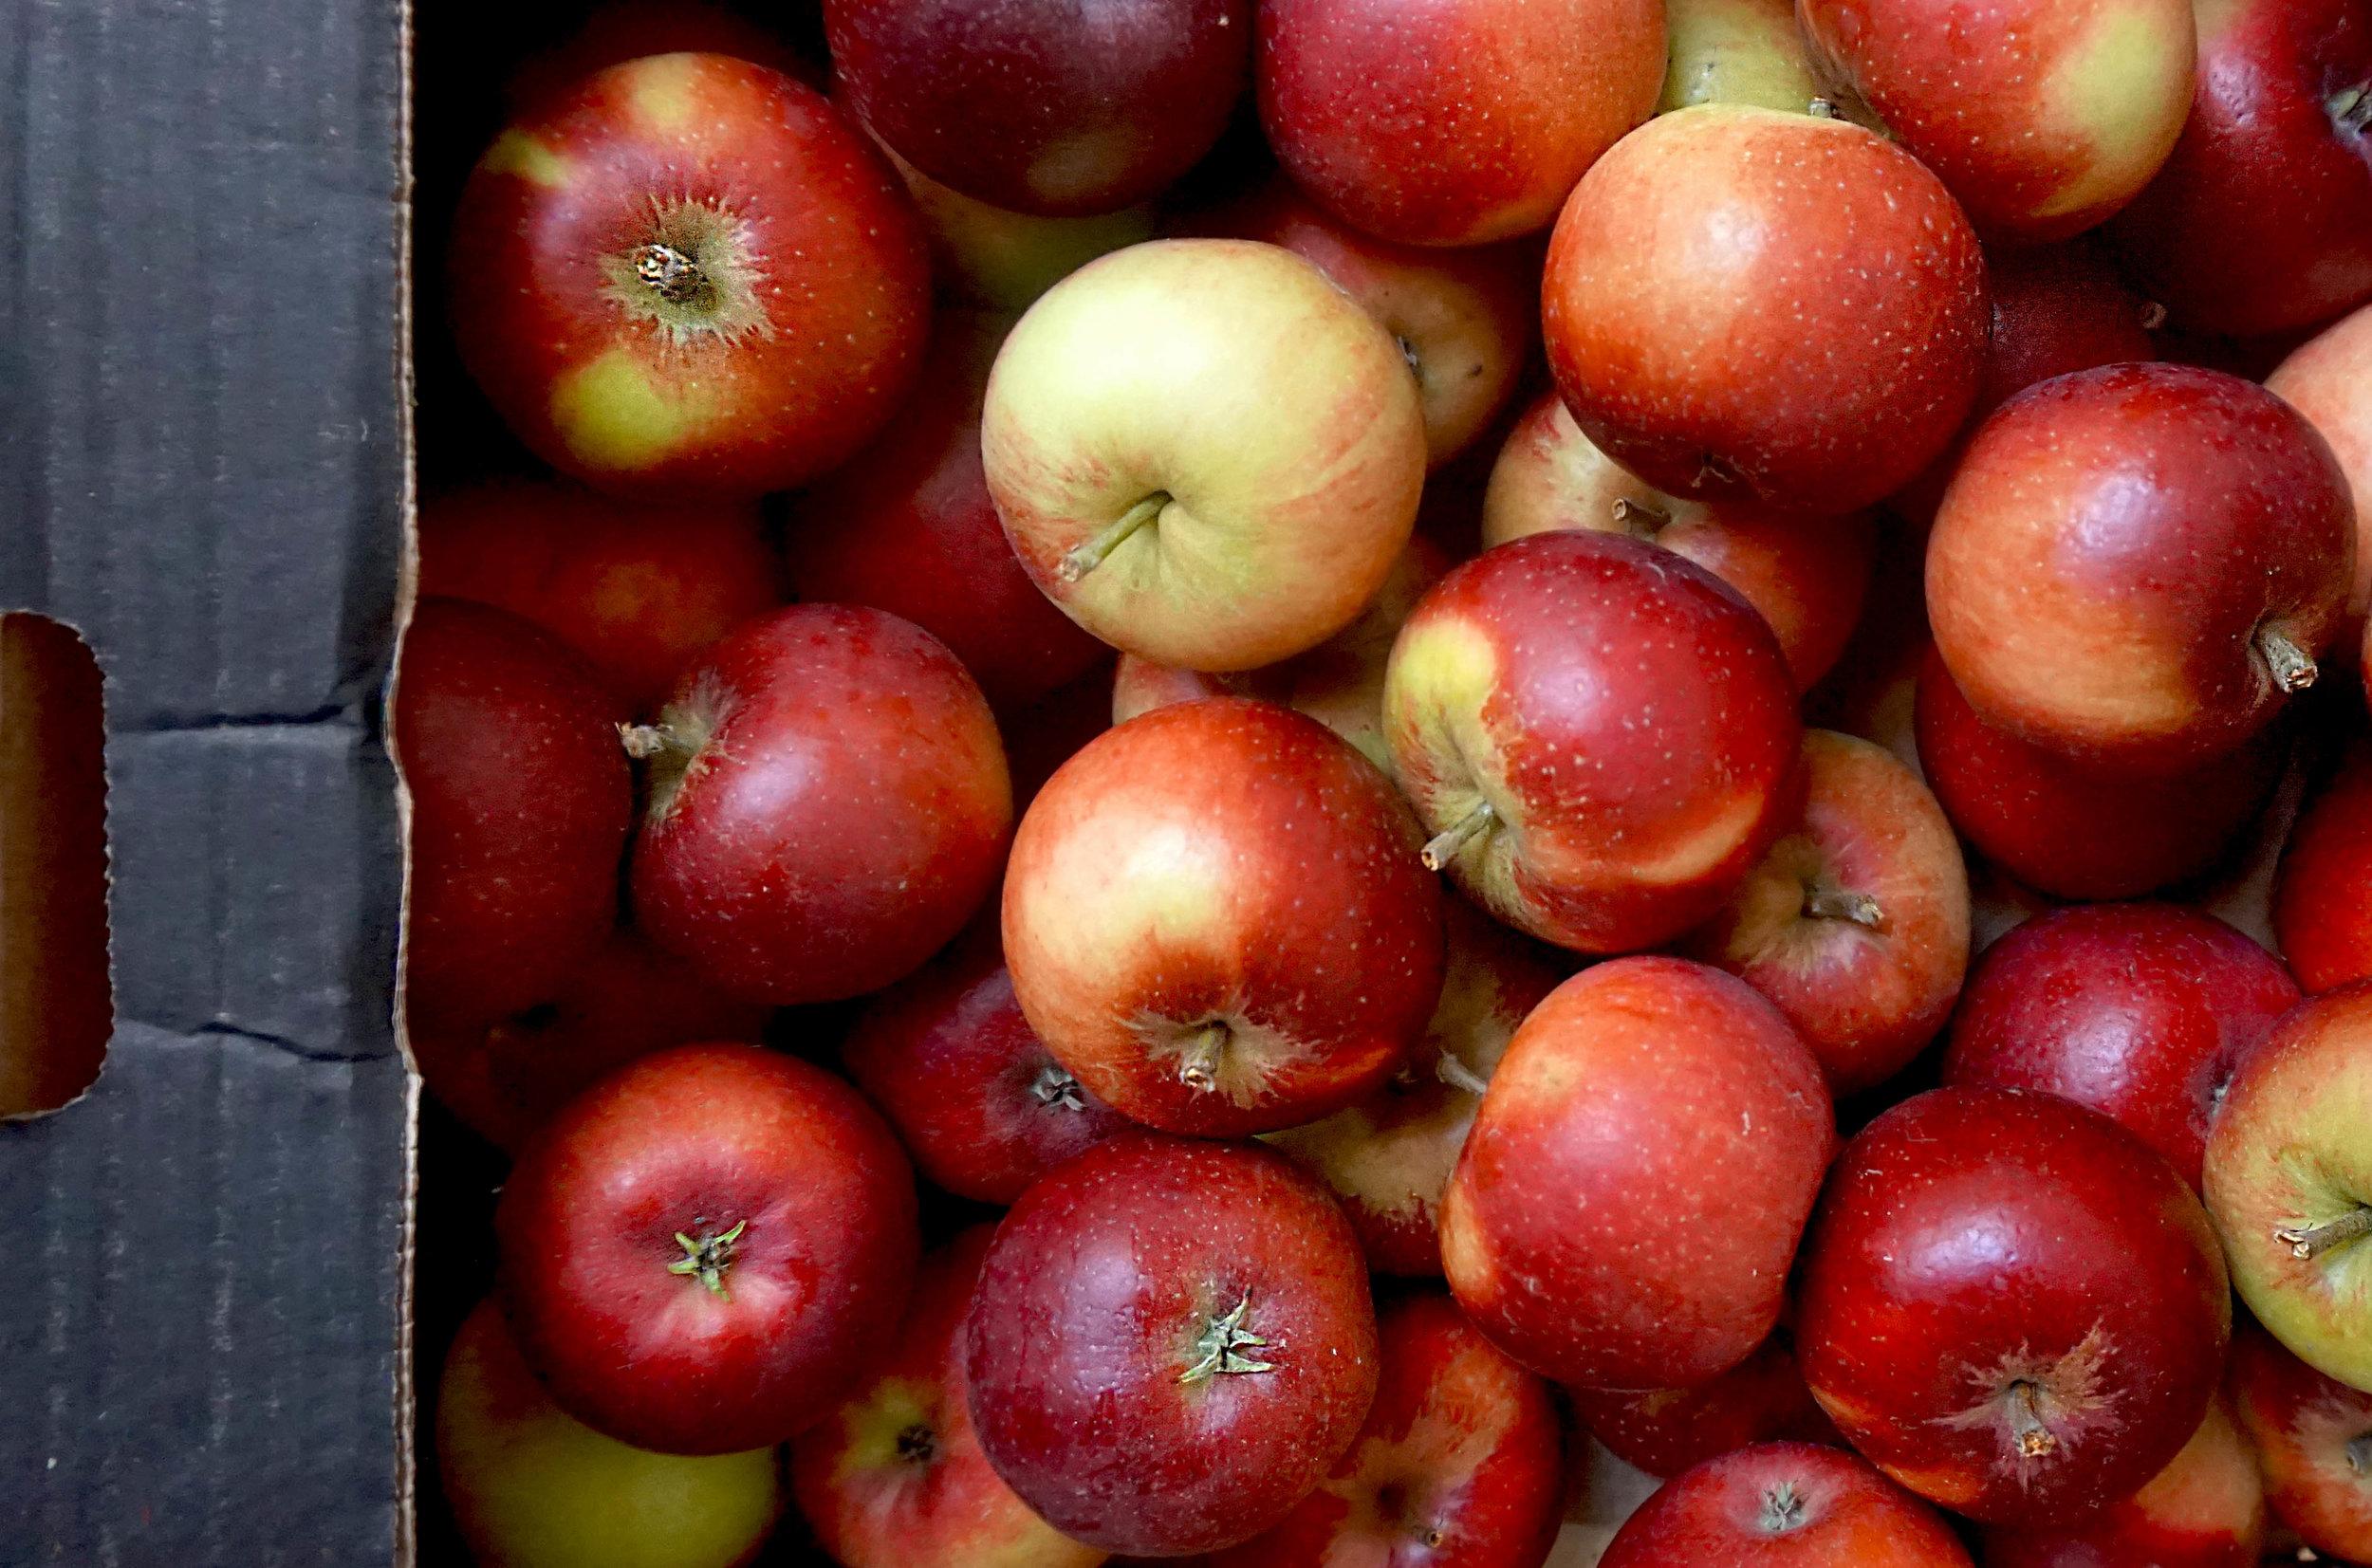 apples brogdale red devil web.jpg